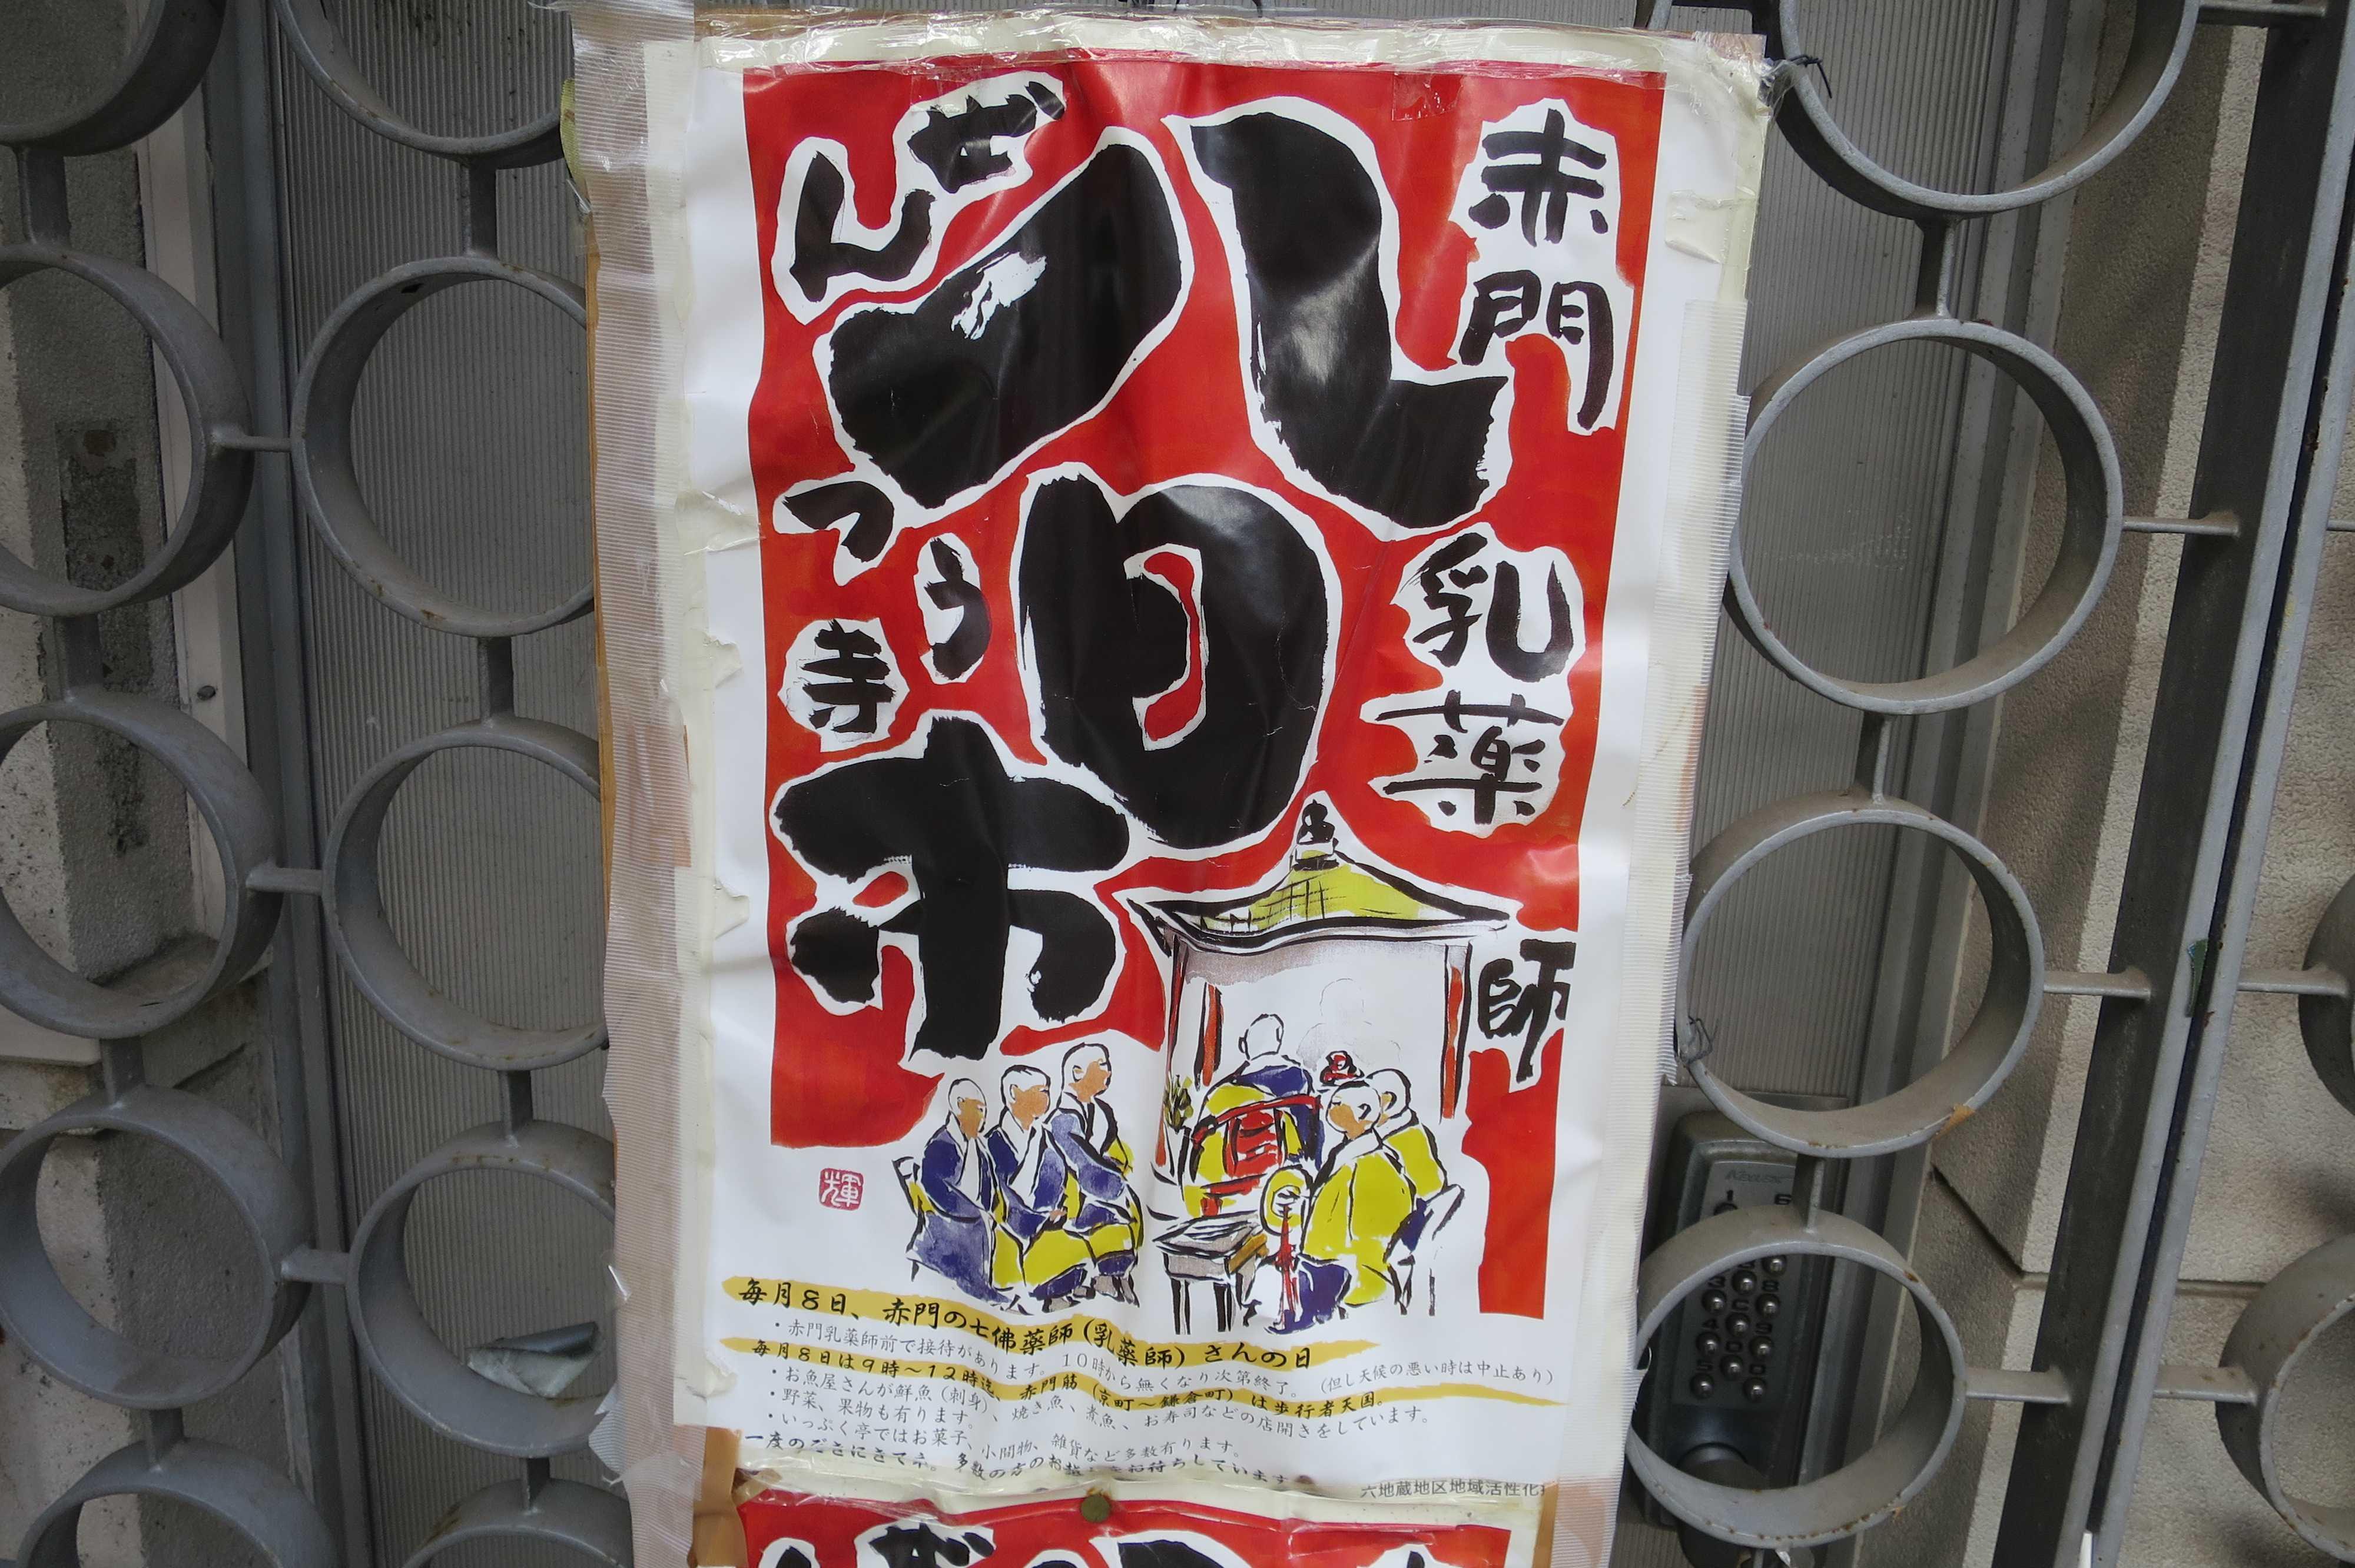 「ぜんつう寺 八日市」のポスター